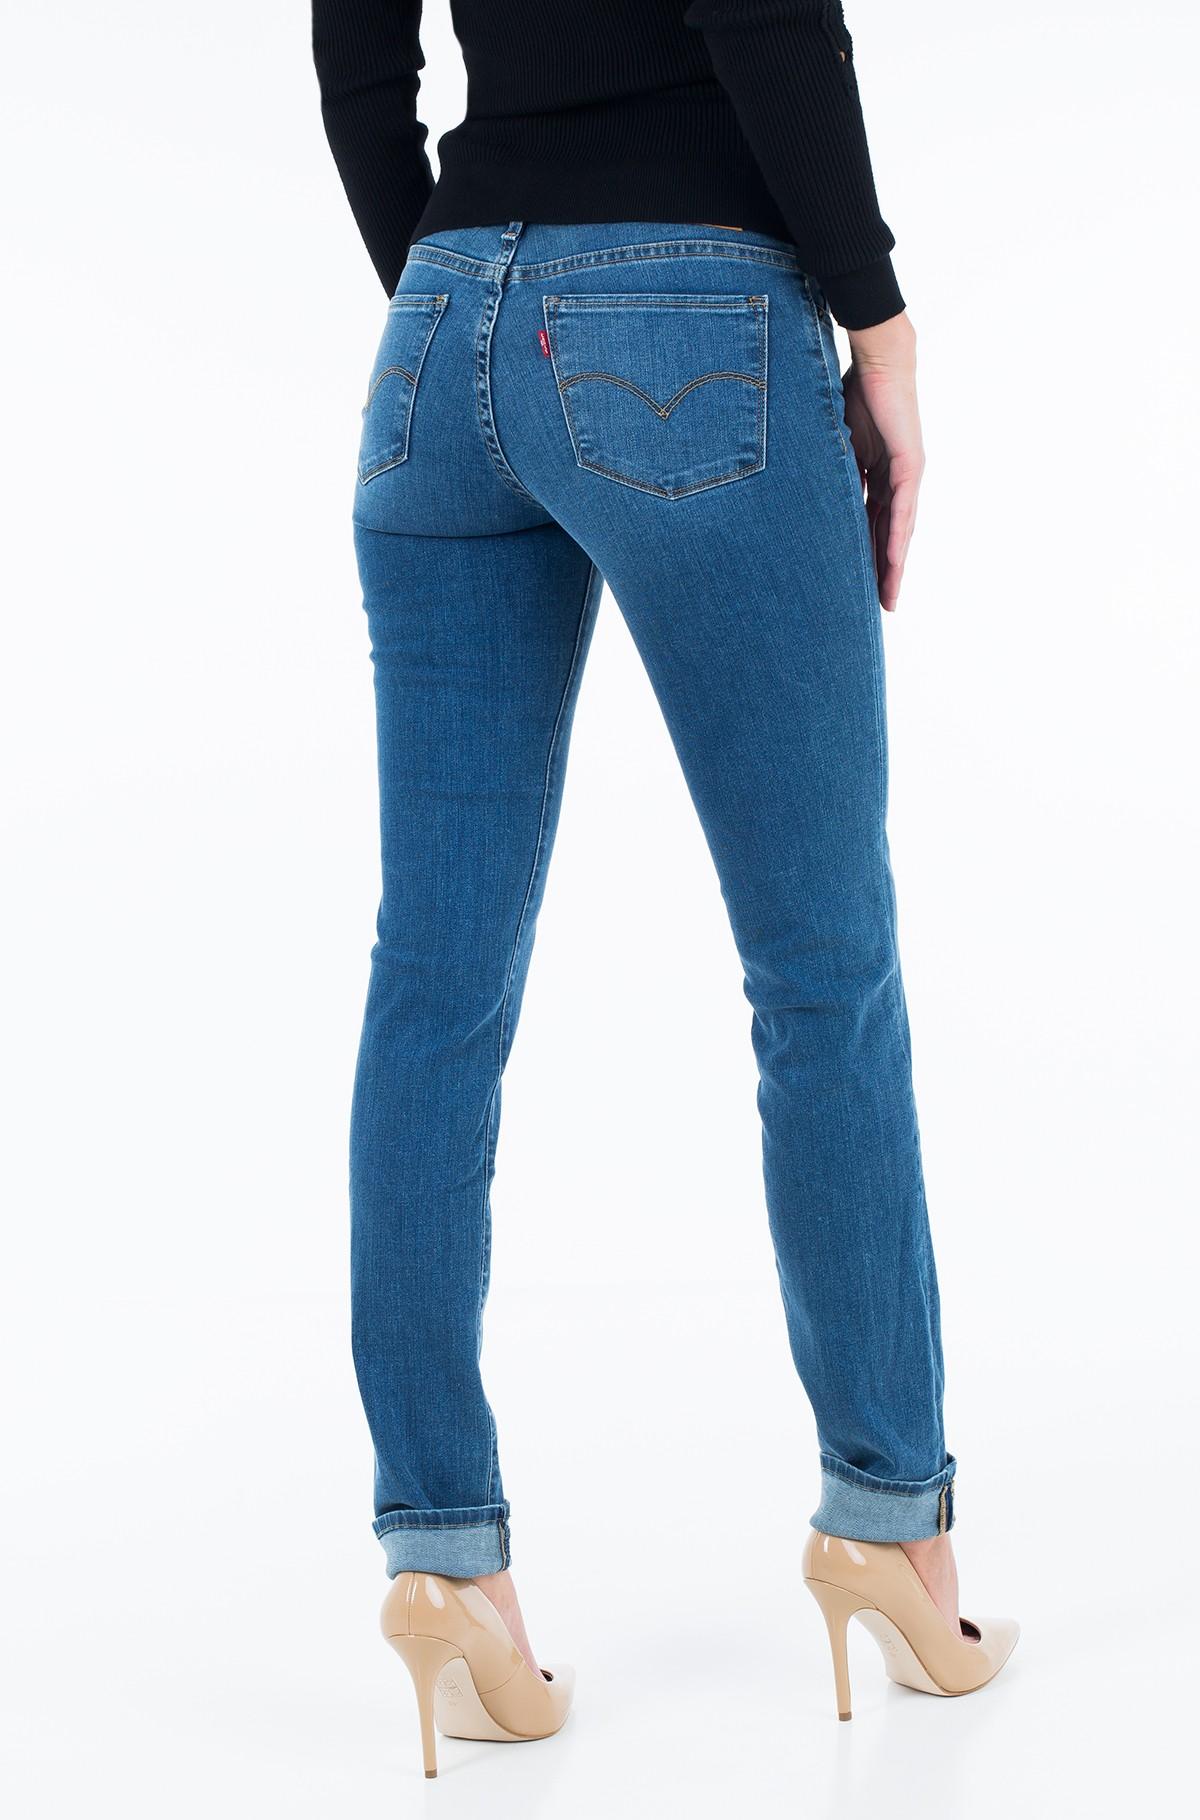 Džinsinės kelnės 188840067-full-2